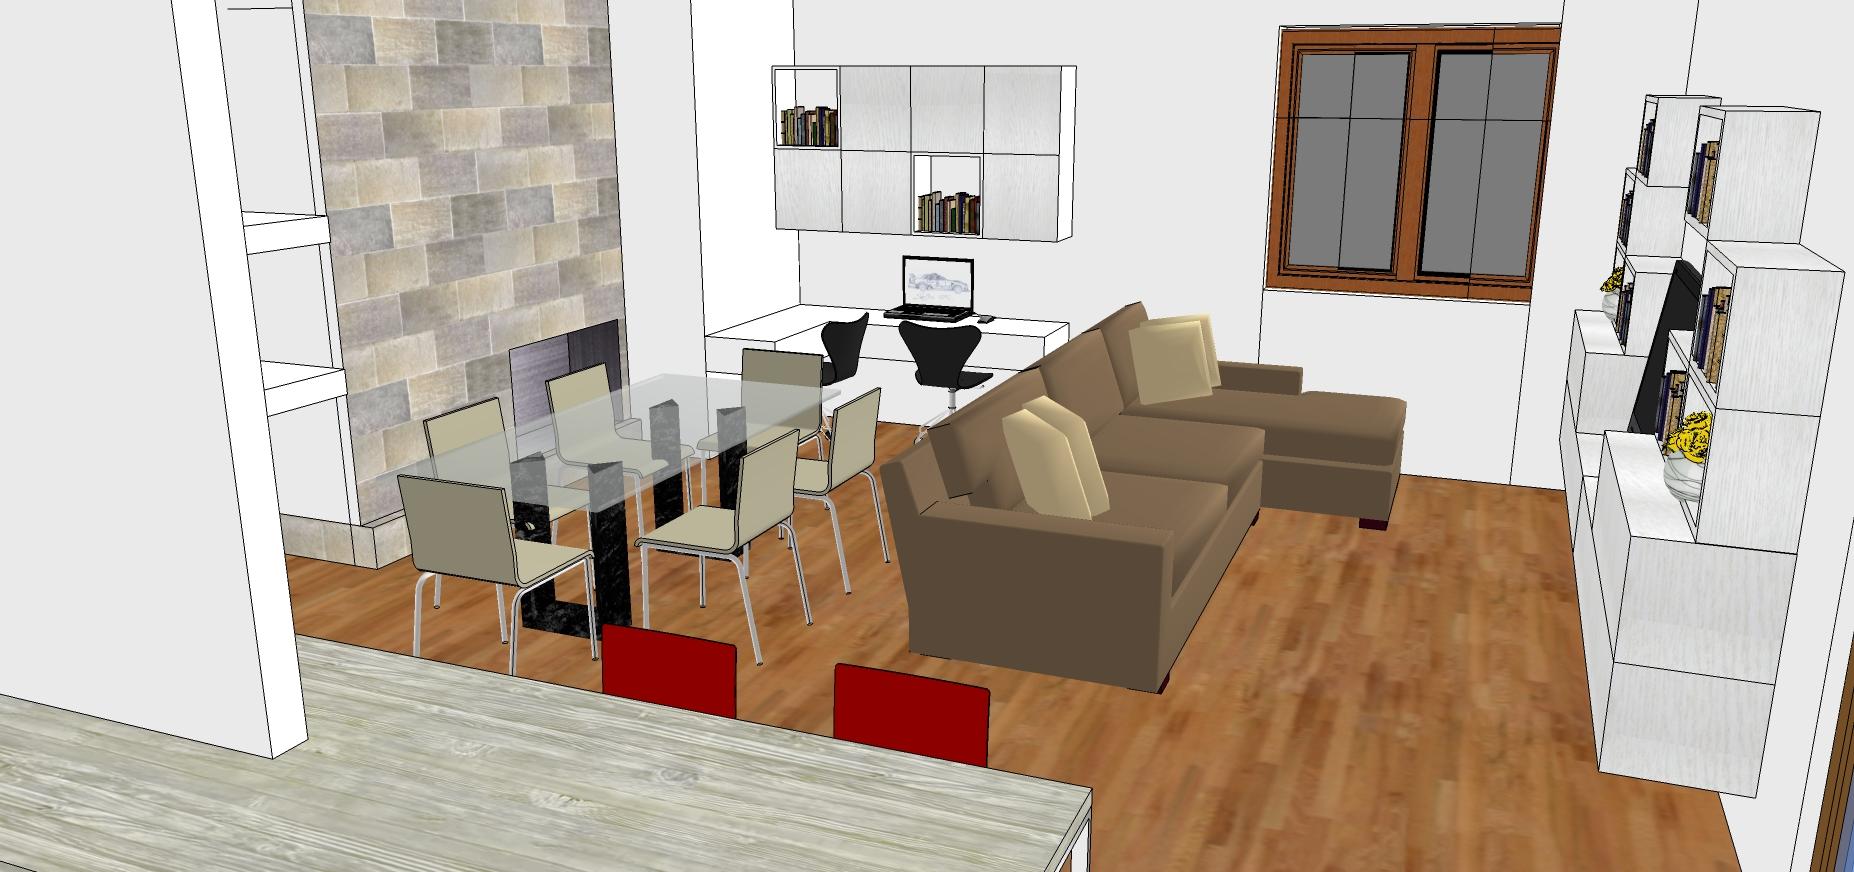 Cucina soggiorno open space 25 mq free open space come - Cucina soggiorno 25 mq ...